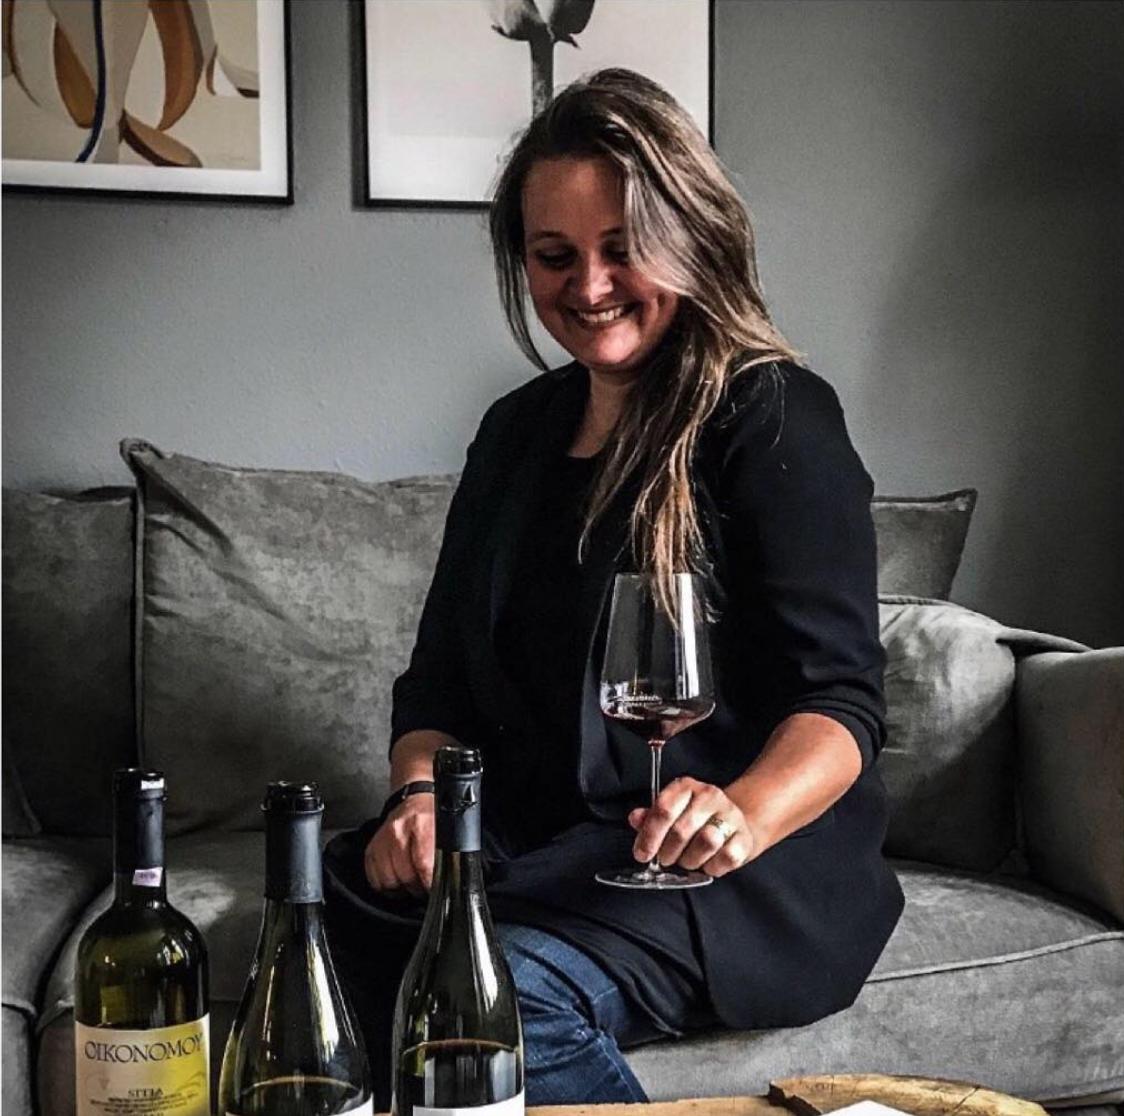 Oinifilia - Importerer græsk vin til København Maria Tsalapati importerer græske naturvine til sit fantastiske lille vinkapel på Nørrebro. Ingen er mere passioneret, stolt og glad for sine vine end Maria er. Med en græsk baggrund ligger det hende særligt på sinde at få spredt ordet om disse vine, og hvor høj kvalitet de er af. Og hvis der er noget, der er sikkert, så er det, at du ikke vil blive skuffet, hvis du vælger et glas eller en flaske af det græske vin, vi har på hylderne.